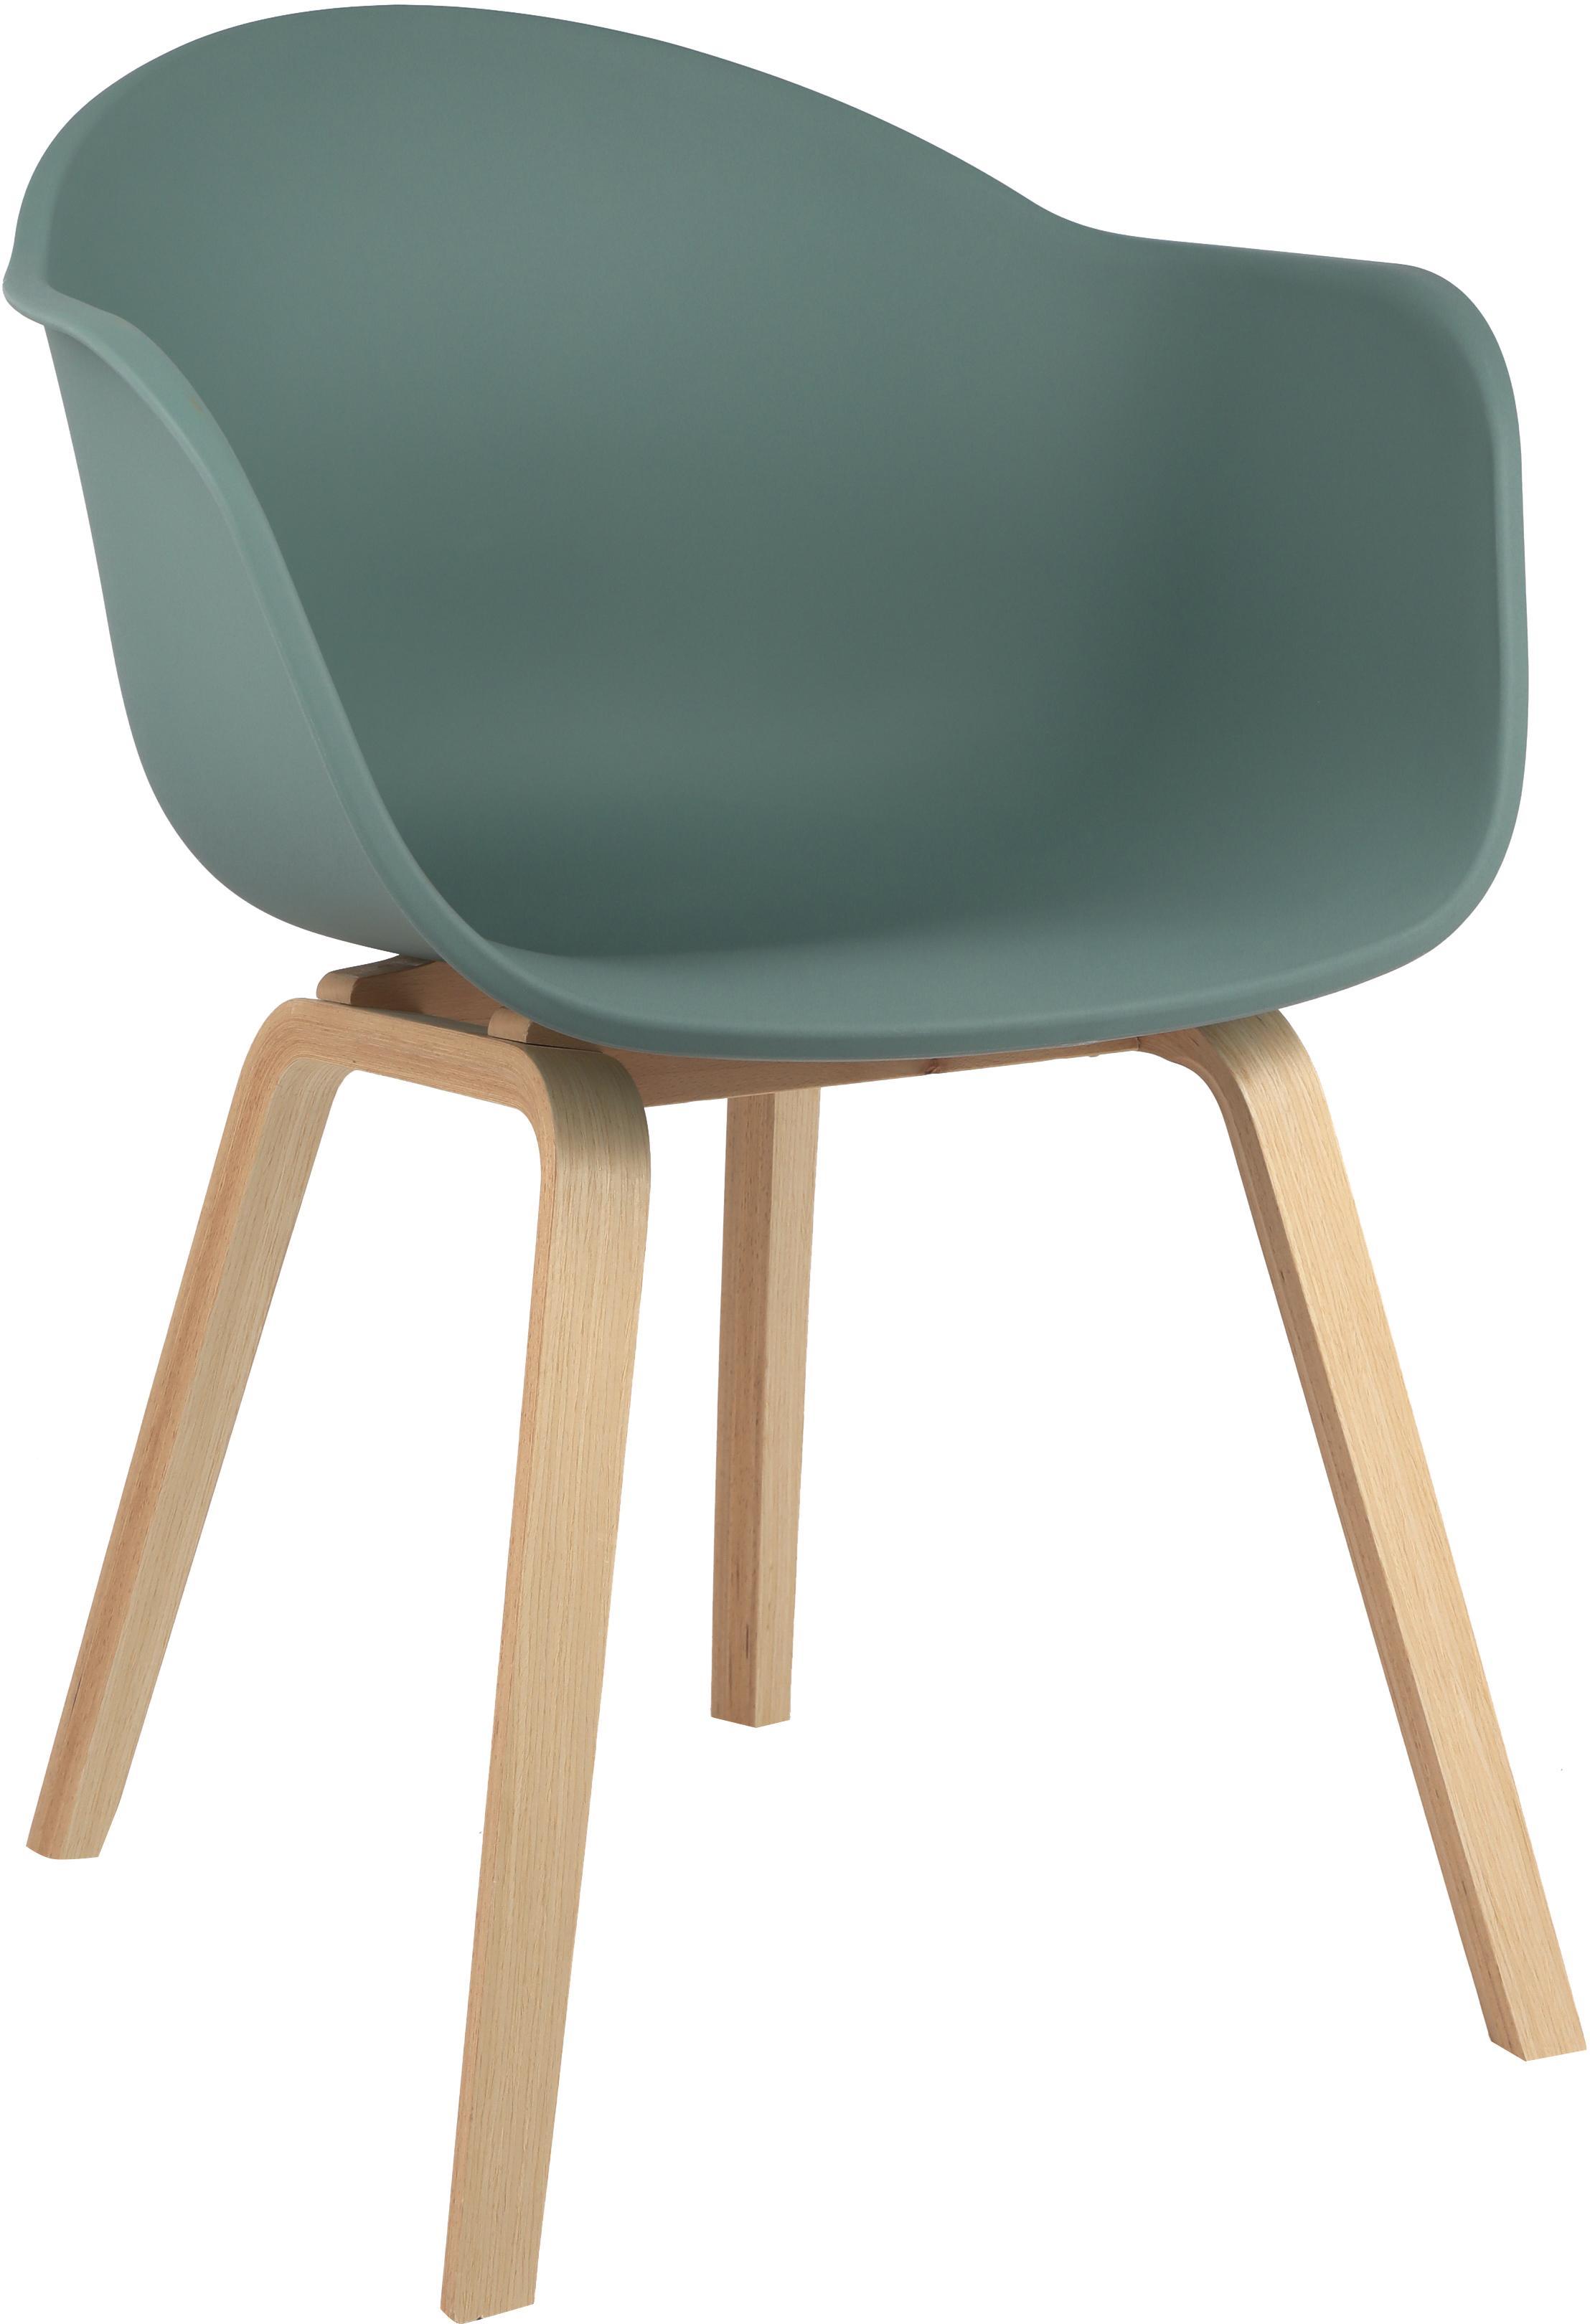 Kunststoffen armstoel Claire met houten poten, Zitvlak: kunststof, Poten: beukenhout, Zitvlak: groen. Poten: beukenhoutkleurig, B 61 x D 58 cm